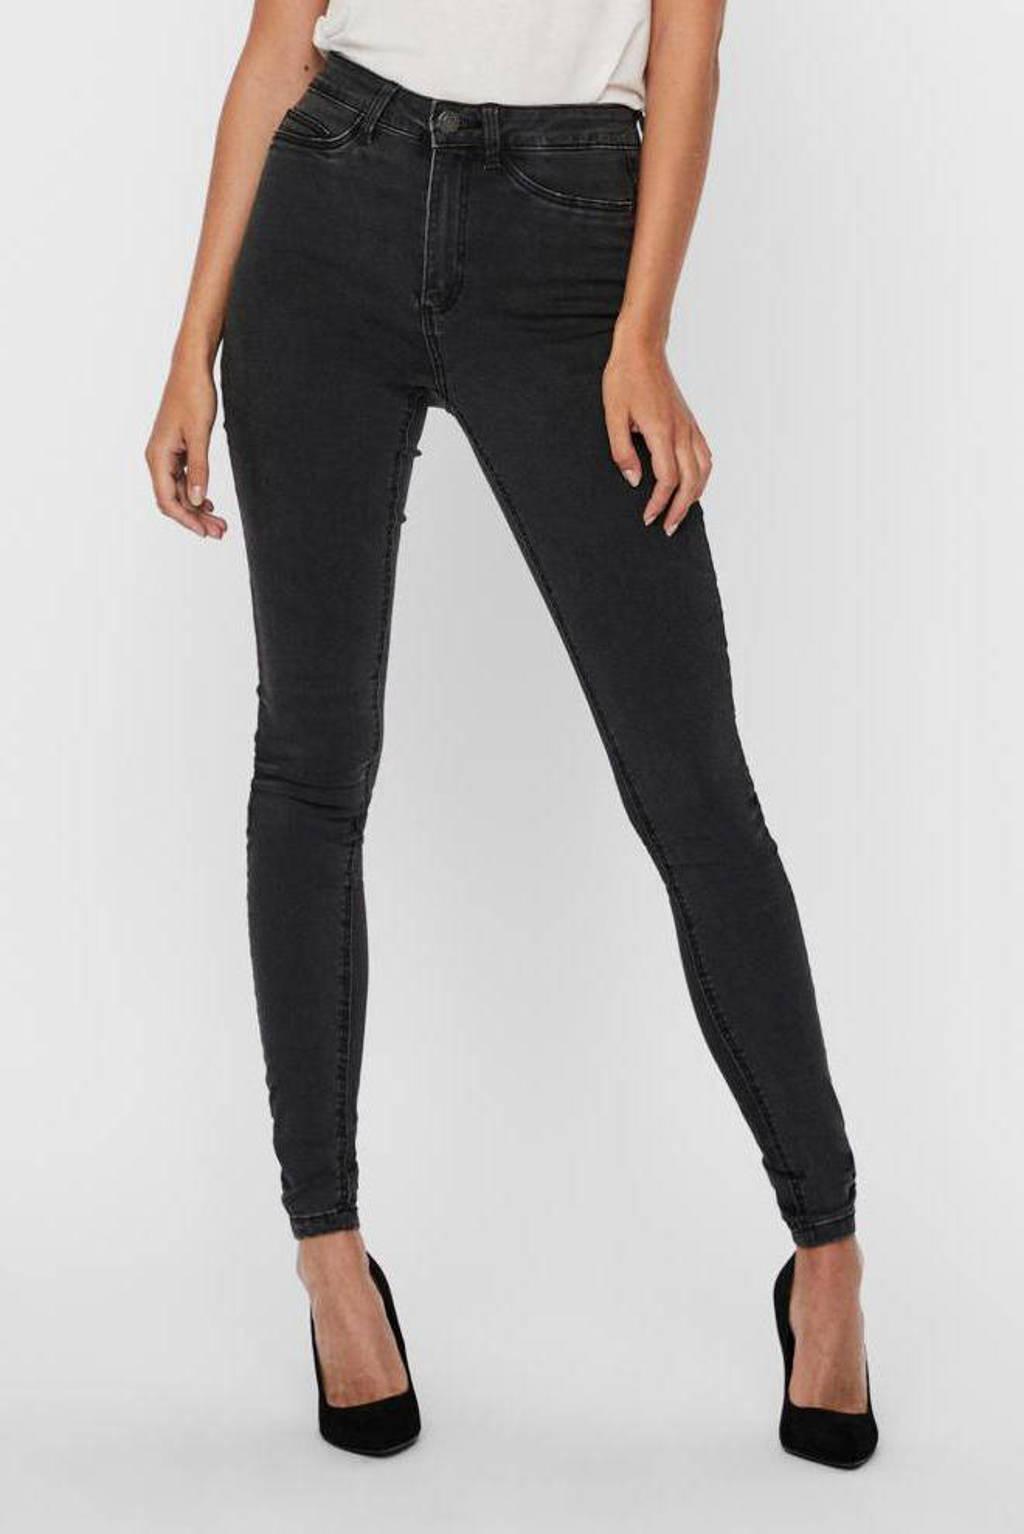 NOISY MAY skinny jeans NMCALLIE dark grey denim, Grijs